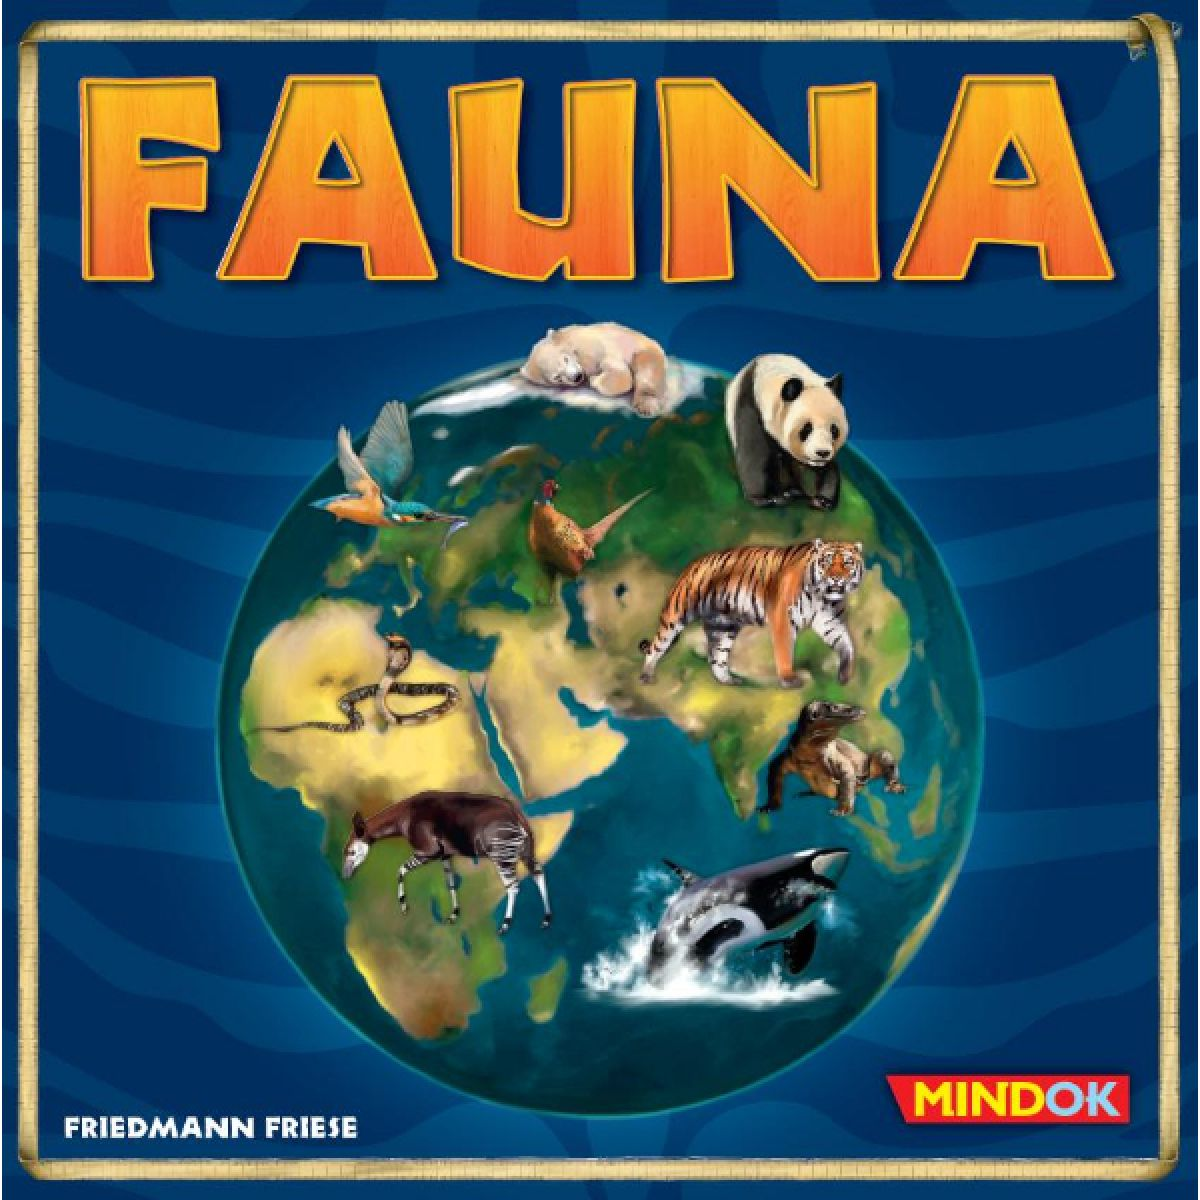 Mindok Fauna